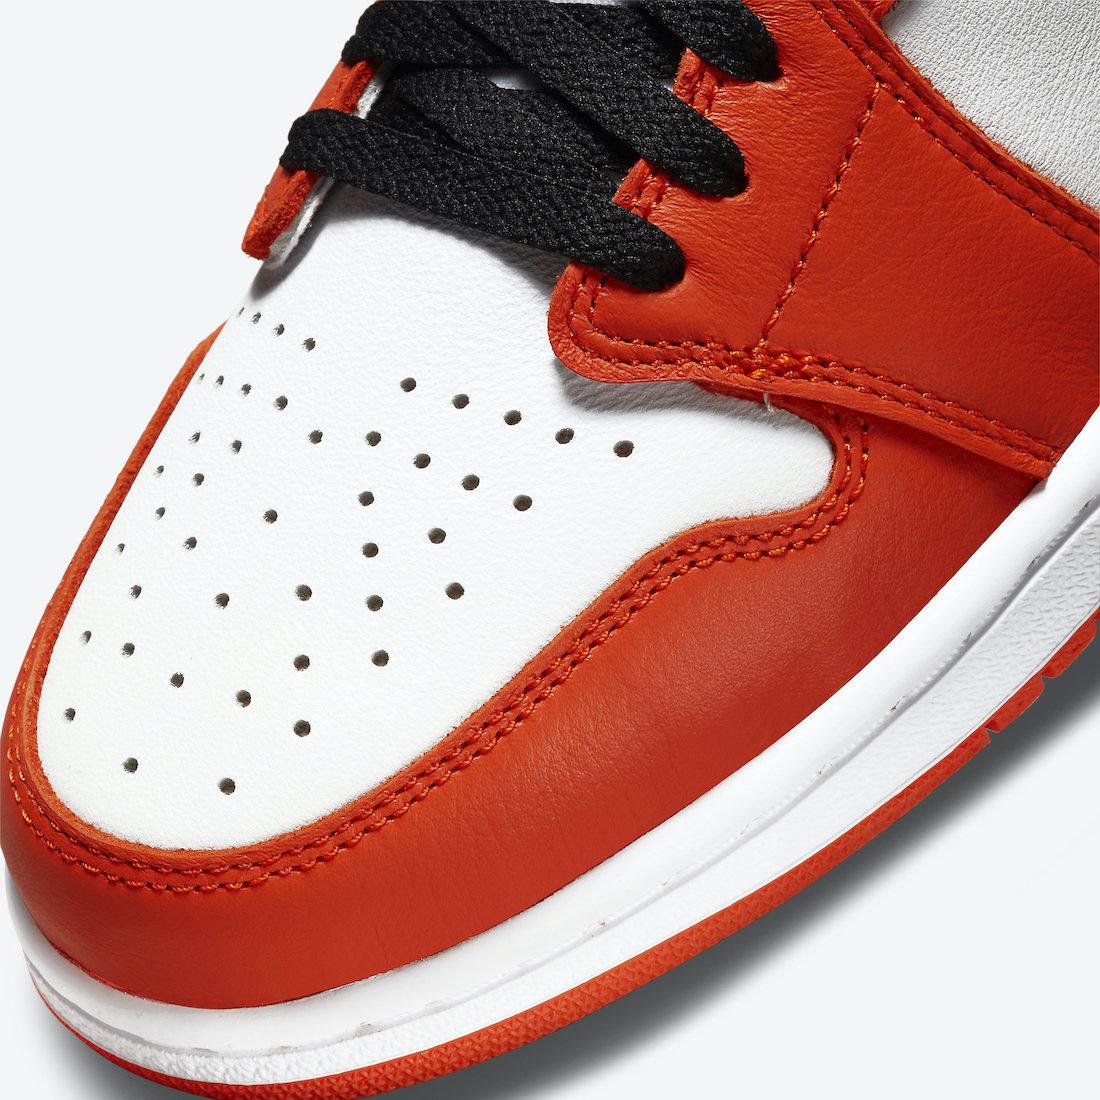 Air-Jordan-1-Low-OG-Shattered-Backboard-CZ0790-801-Release-Date-Price-6